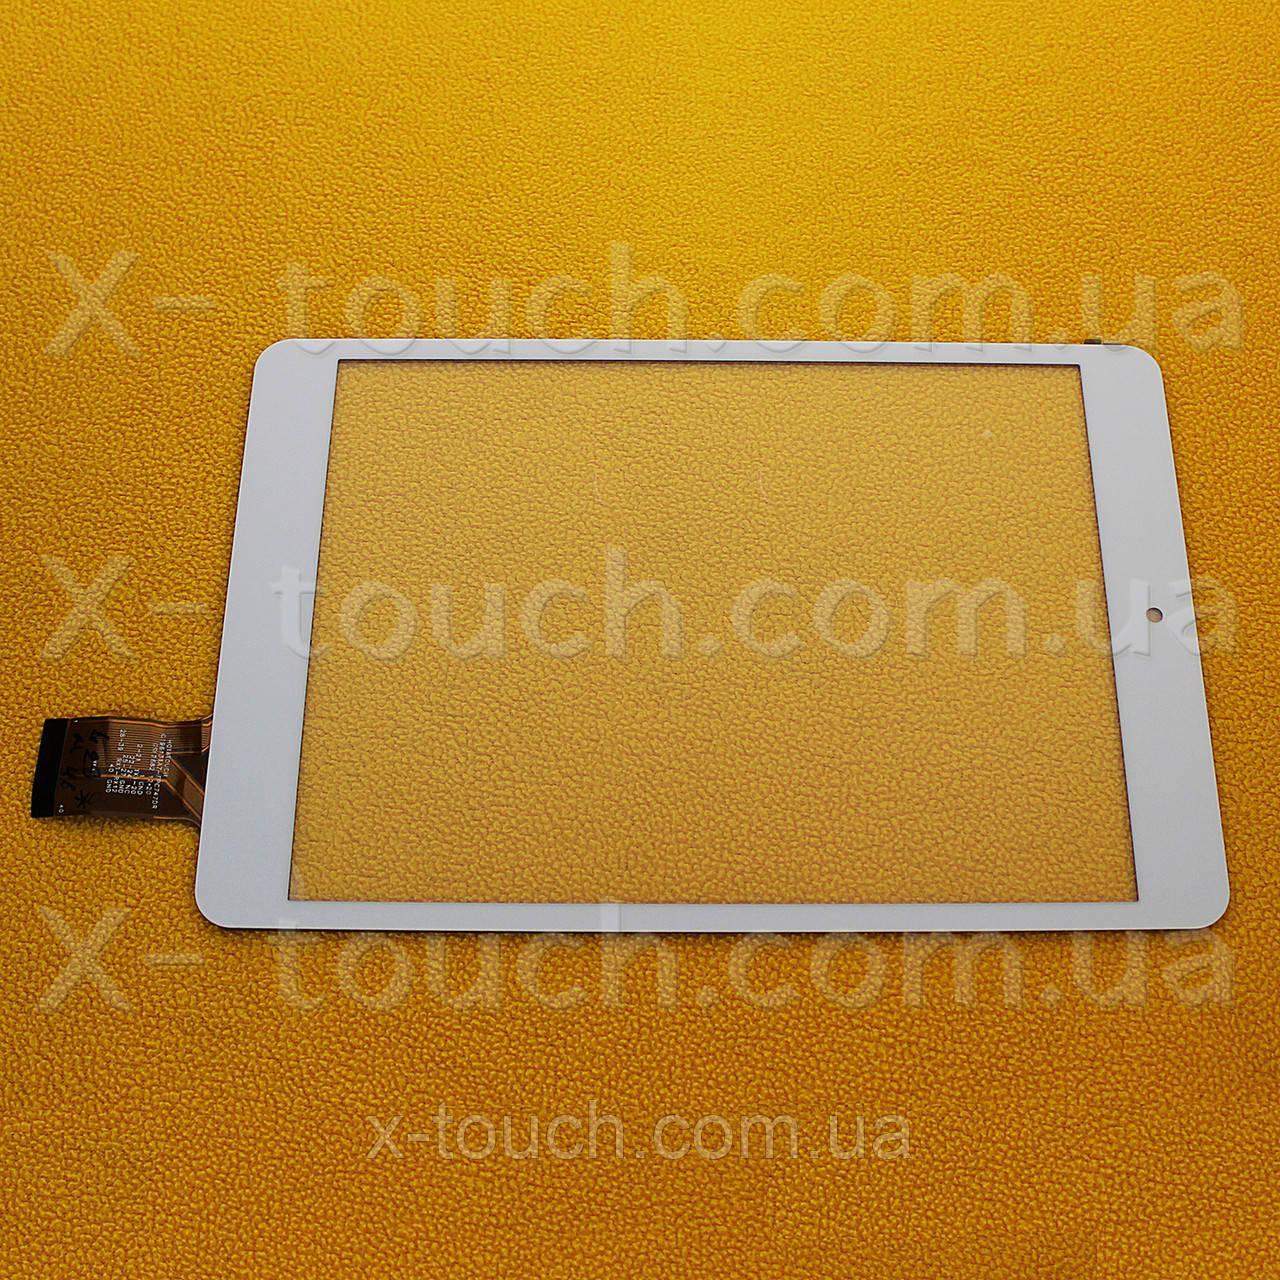 Тачскрин, сенсор  C196131A1-FPC747DR белый  для планшета